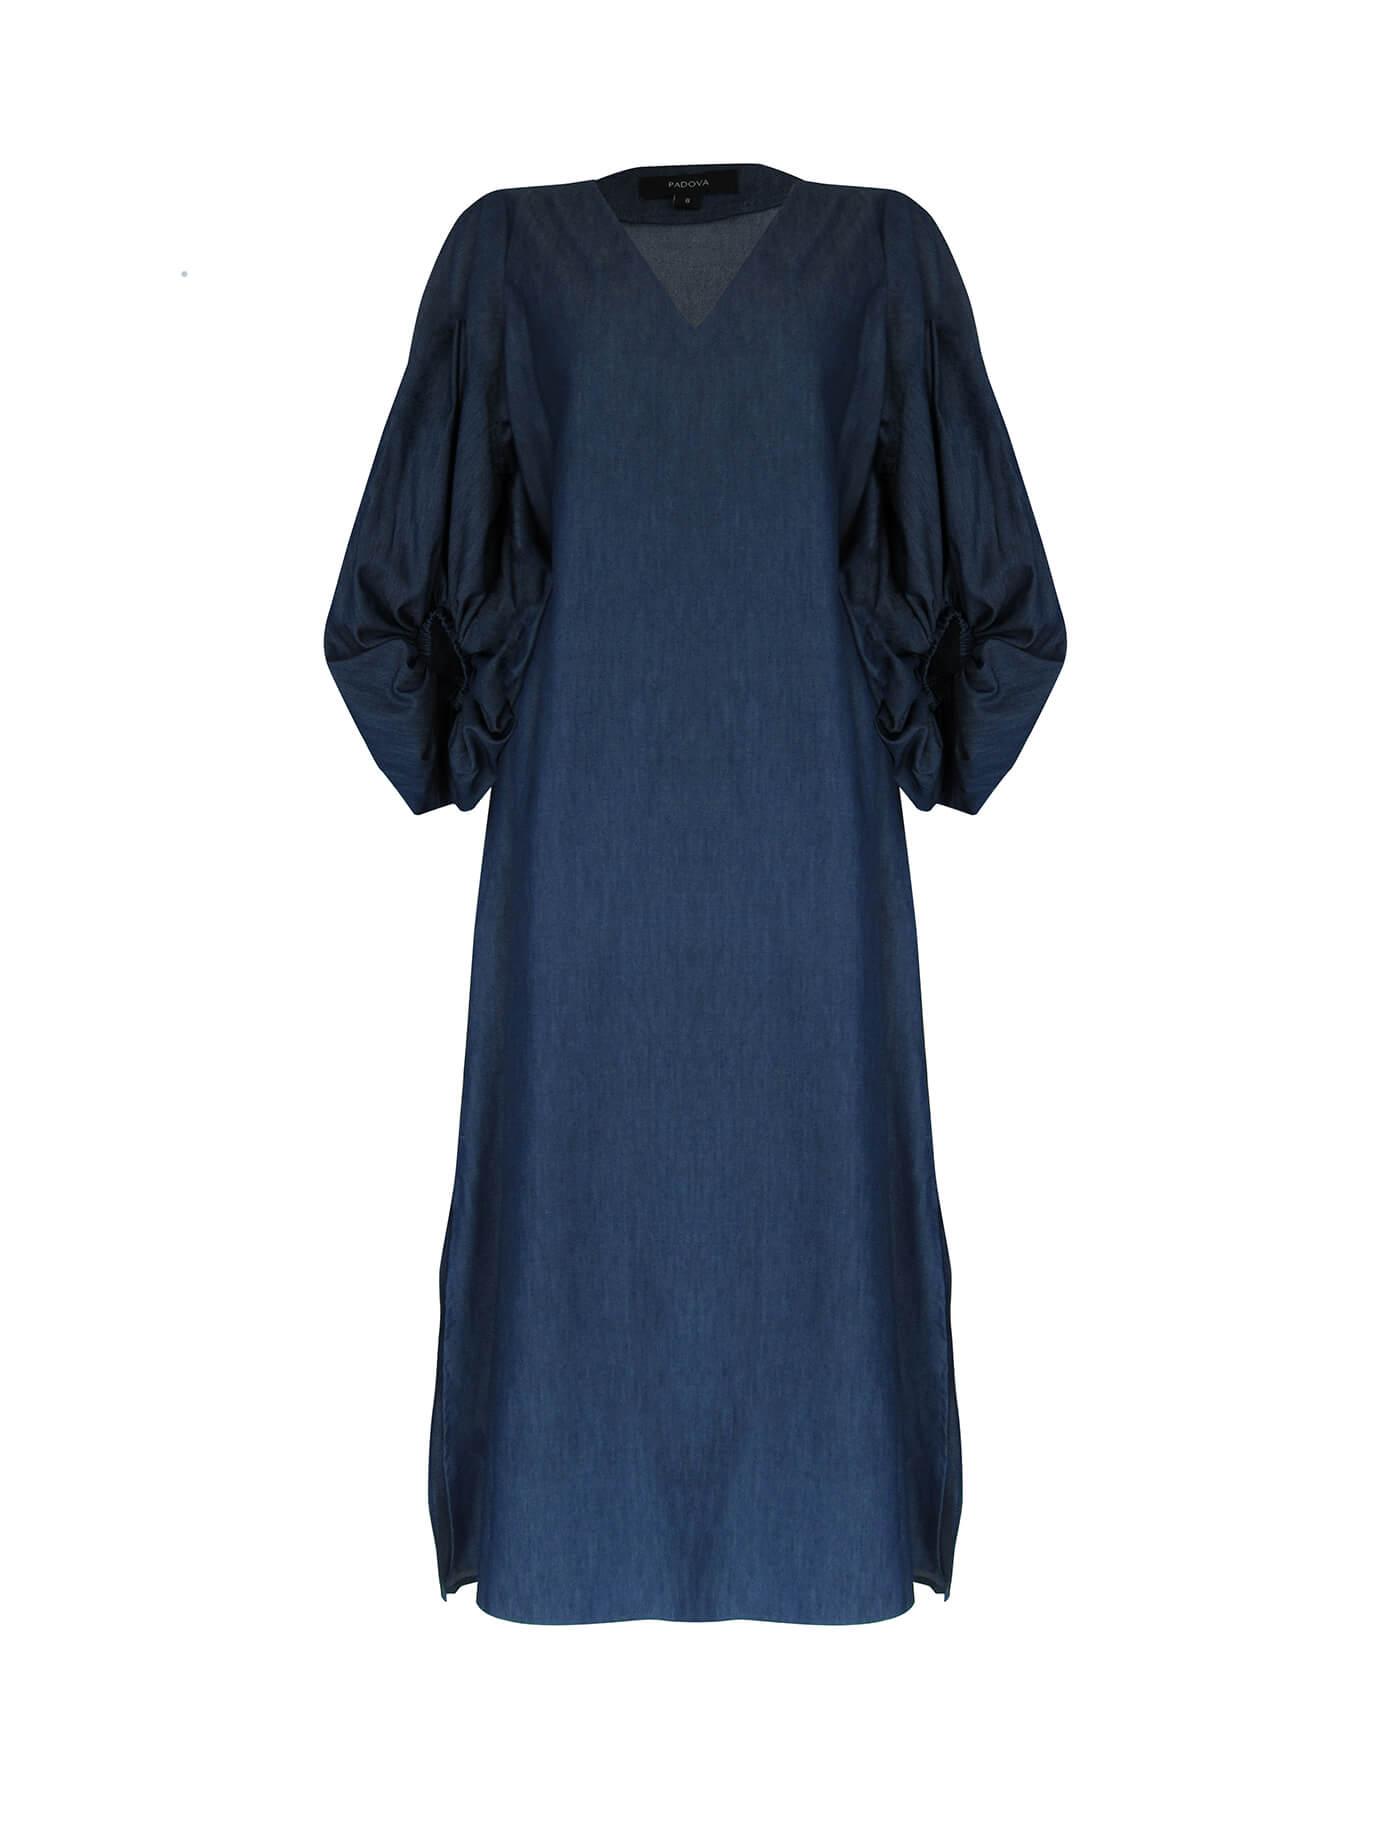 padova-vestido-azurro-cosmos-01